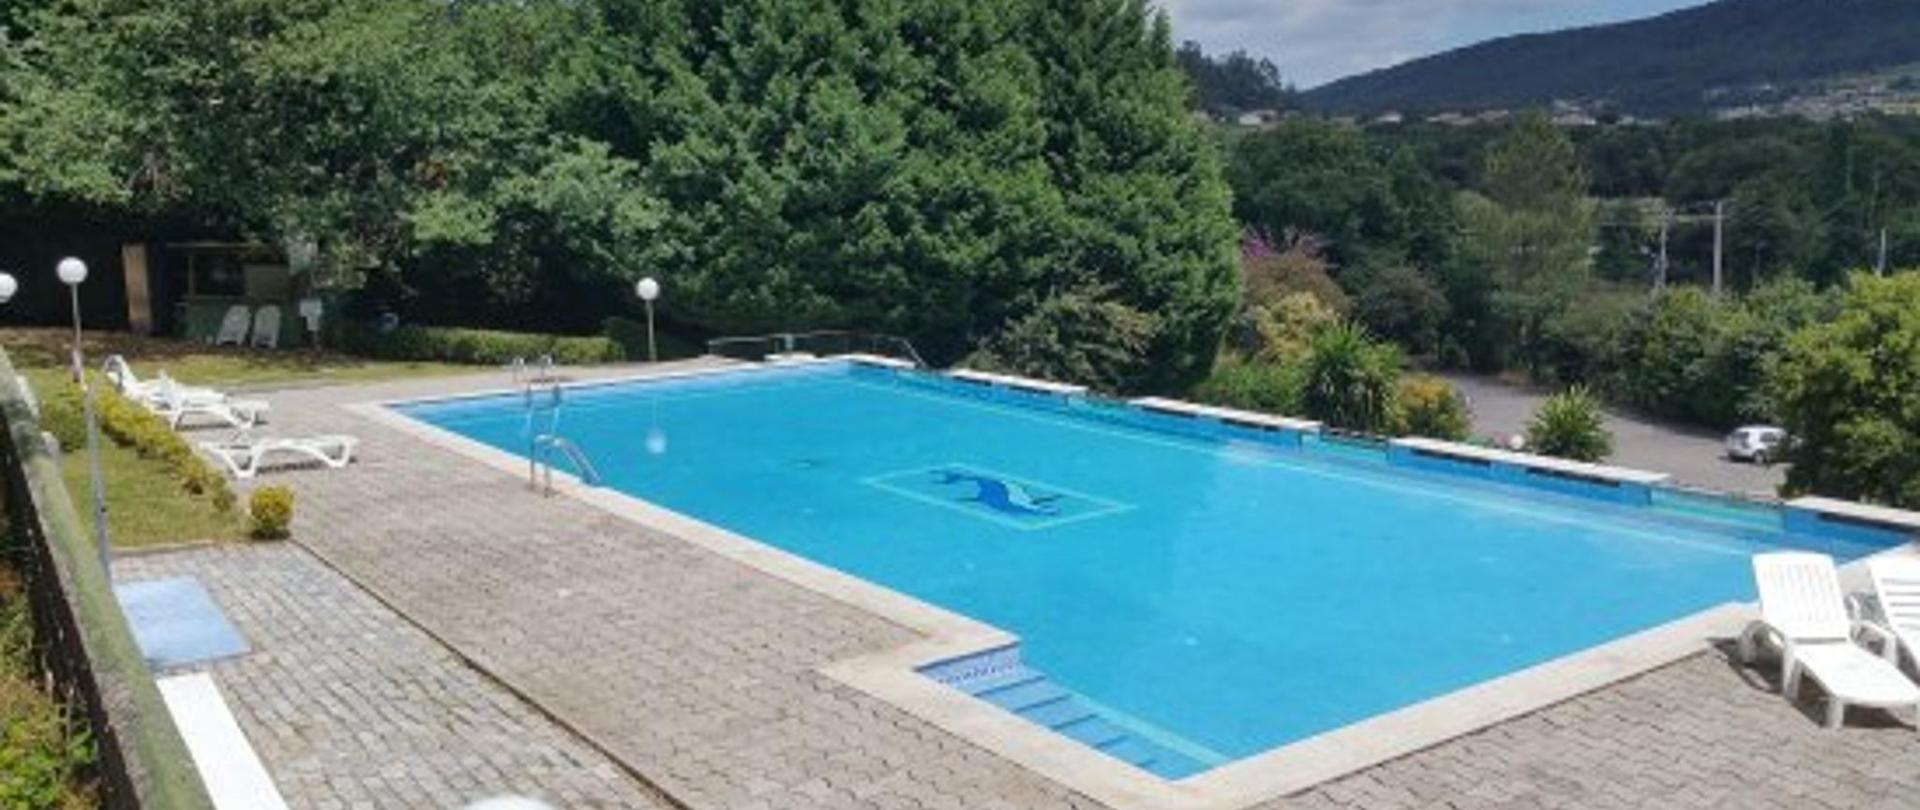 hotel-vialmar-meis-piscina.jpg